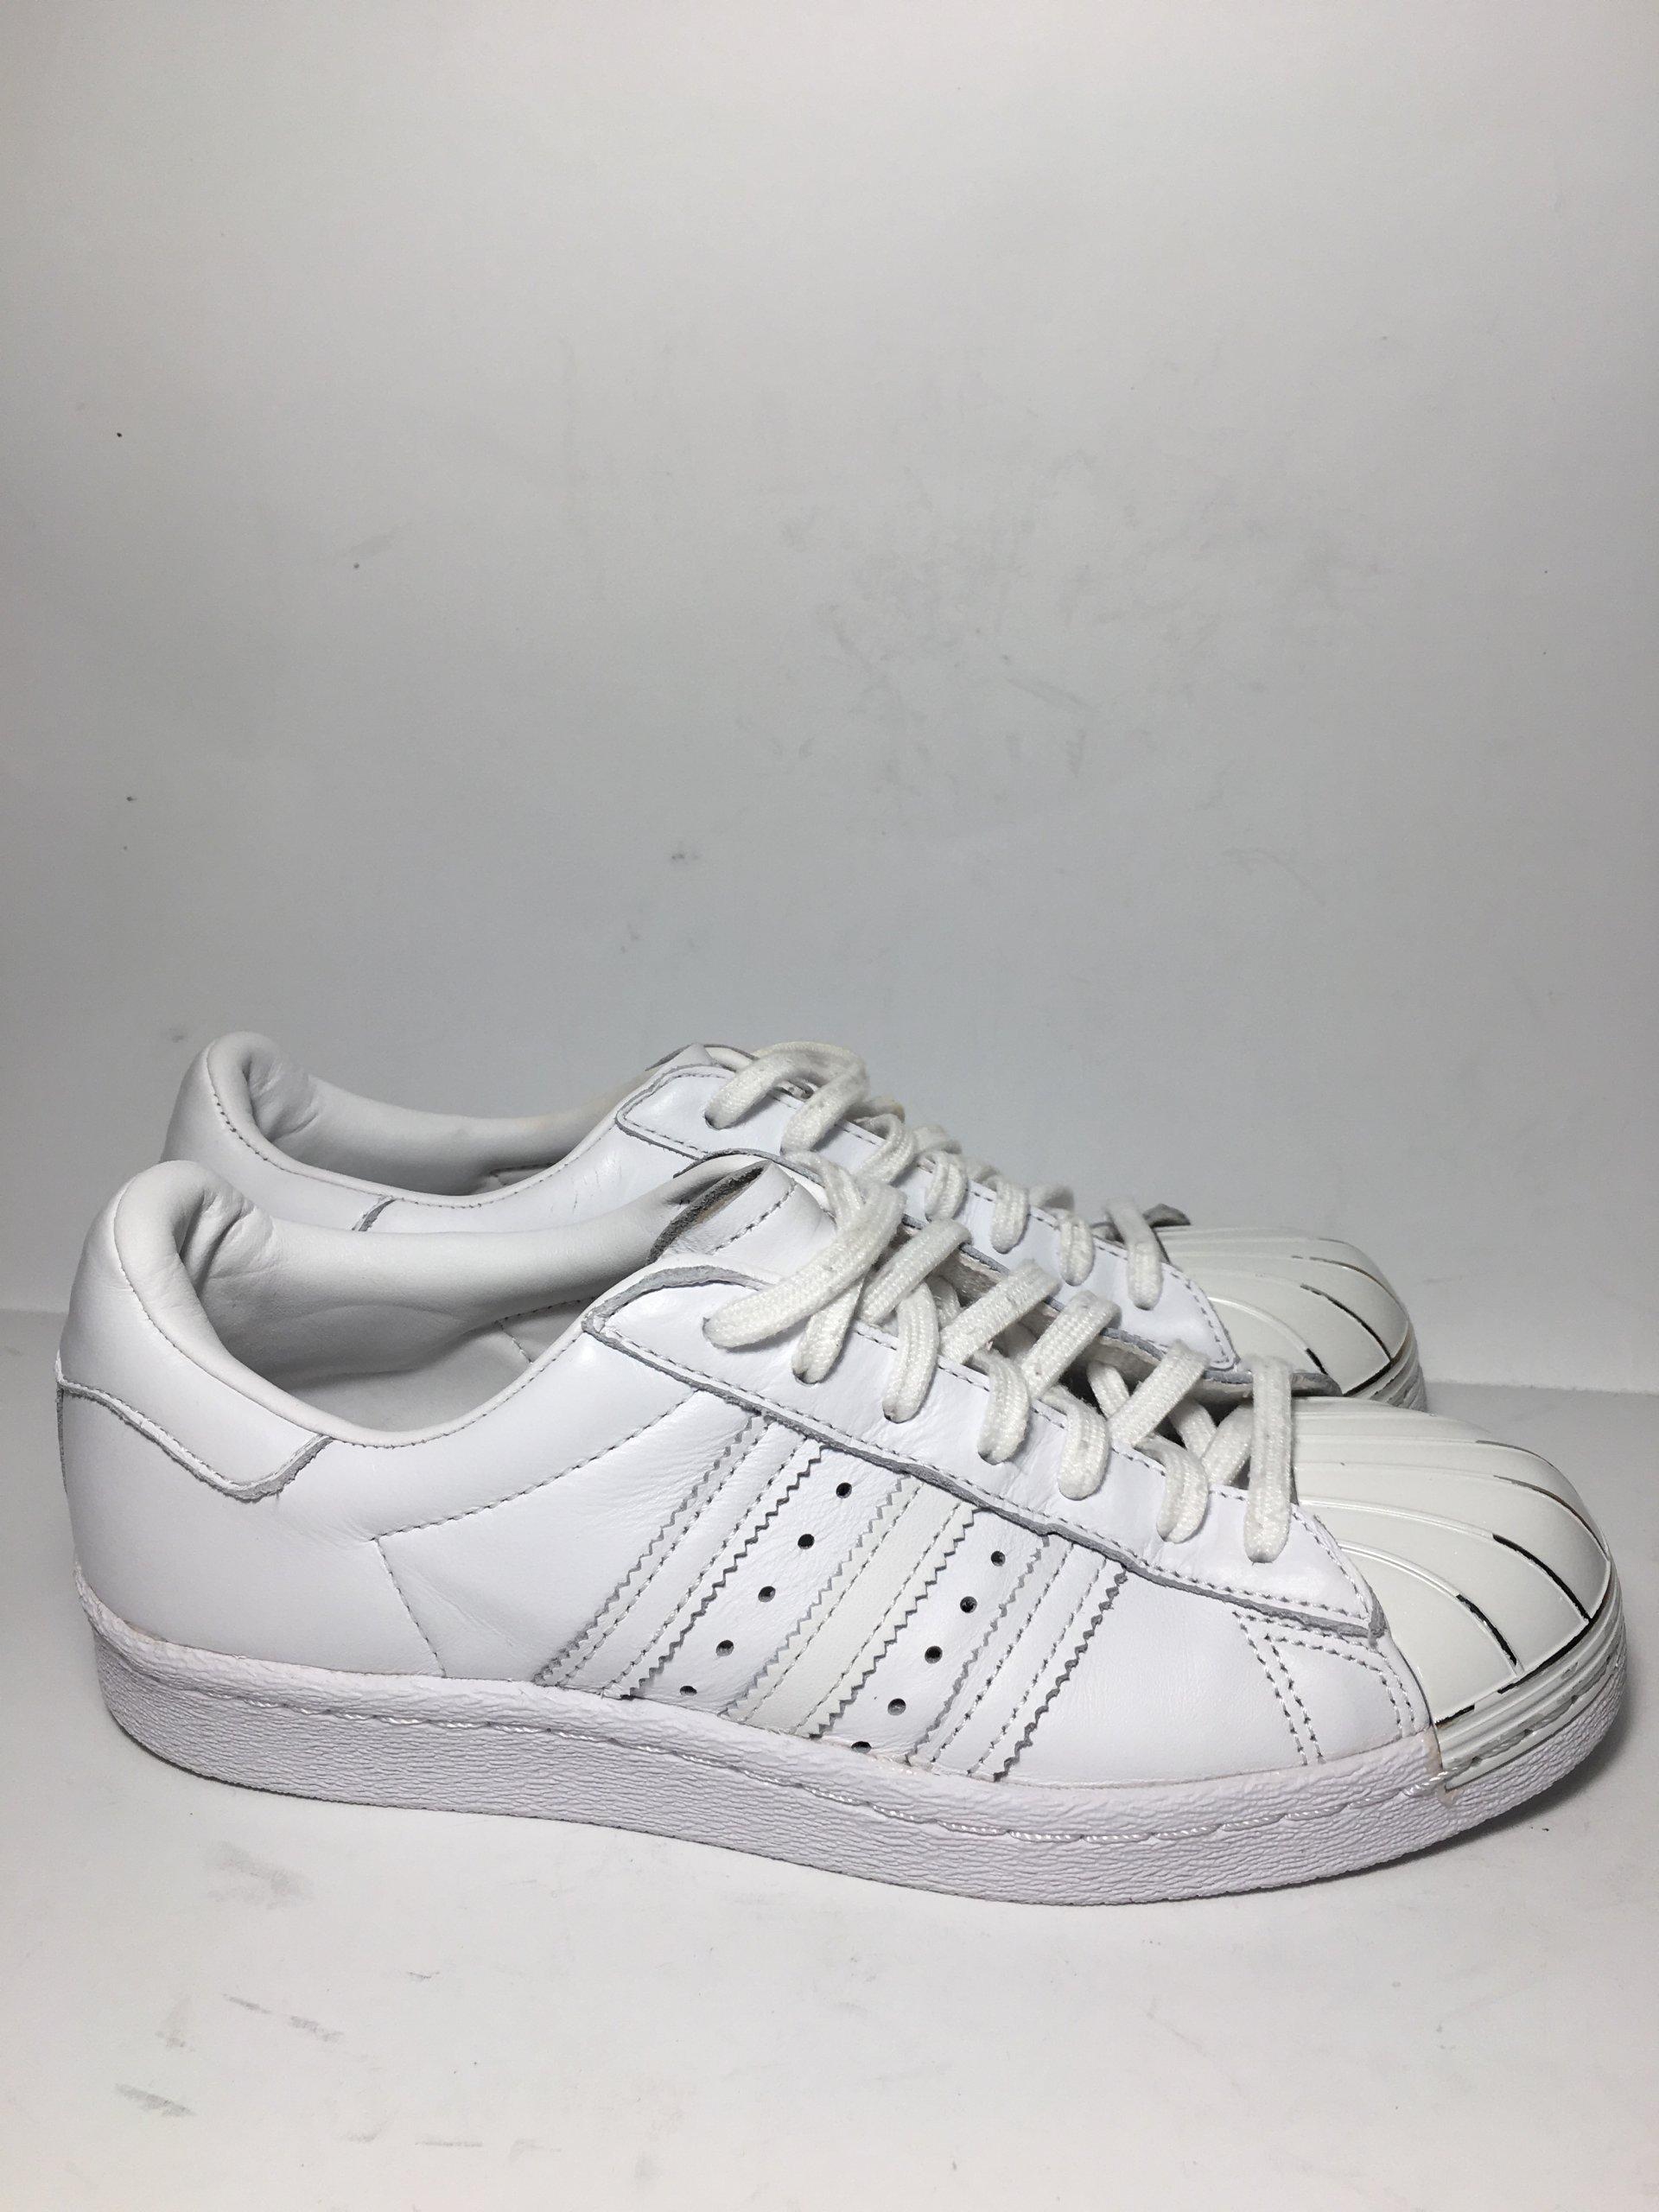 Adidas Neo Damskie Buty w Olsztyn OLX.pl